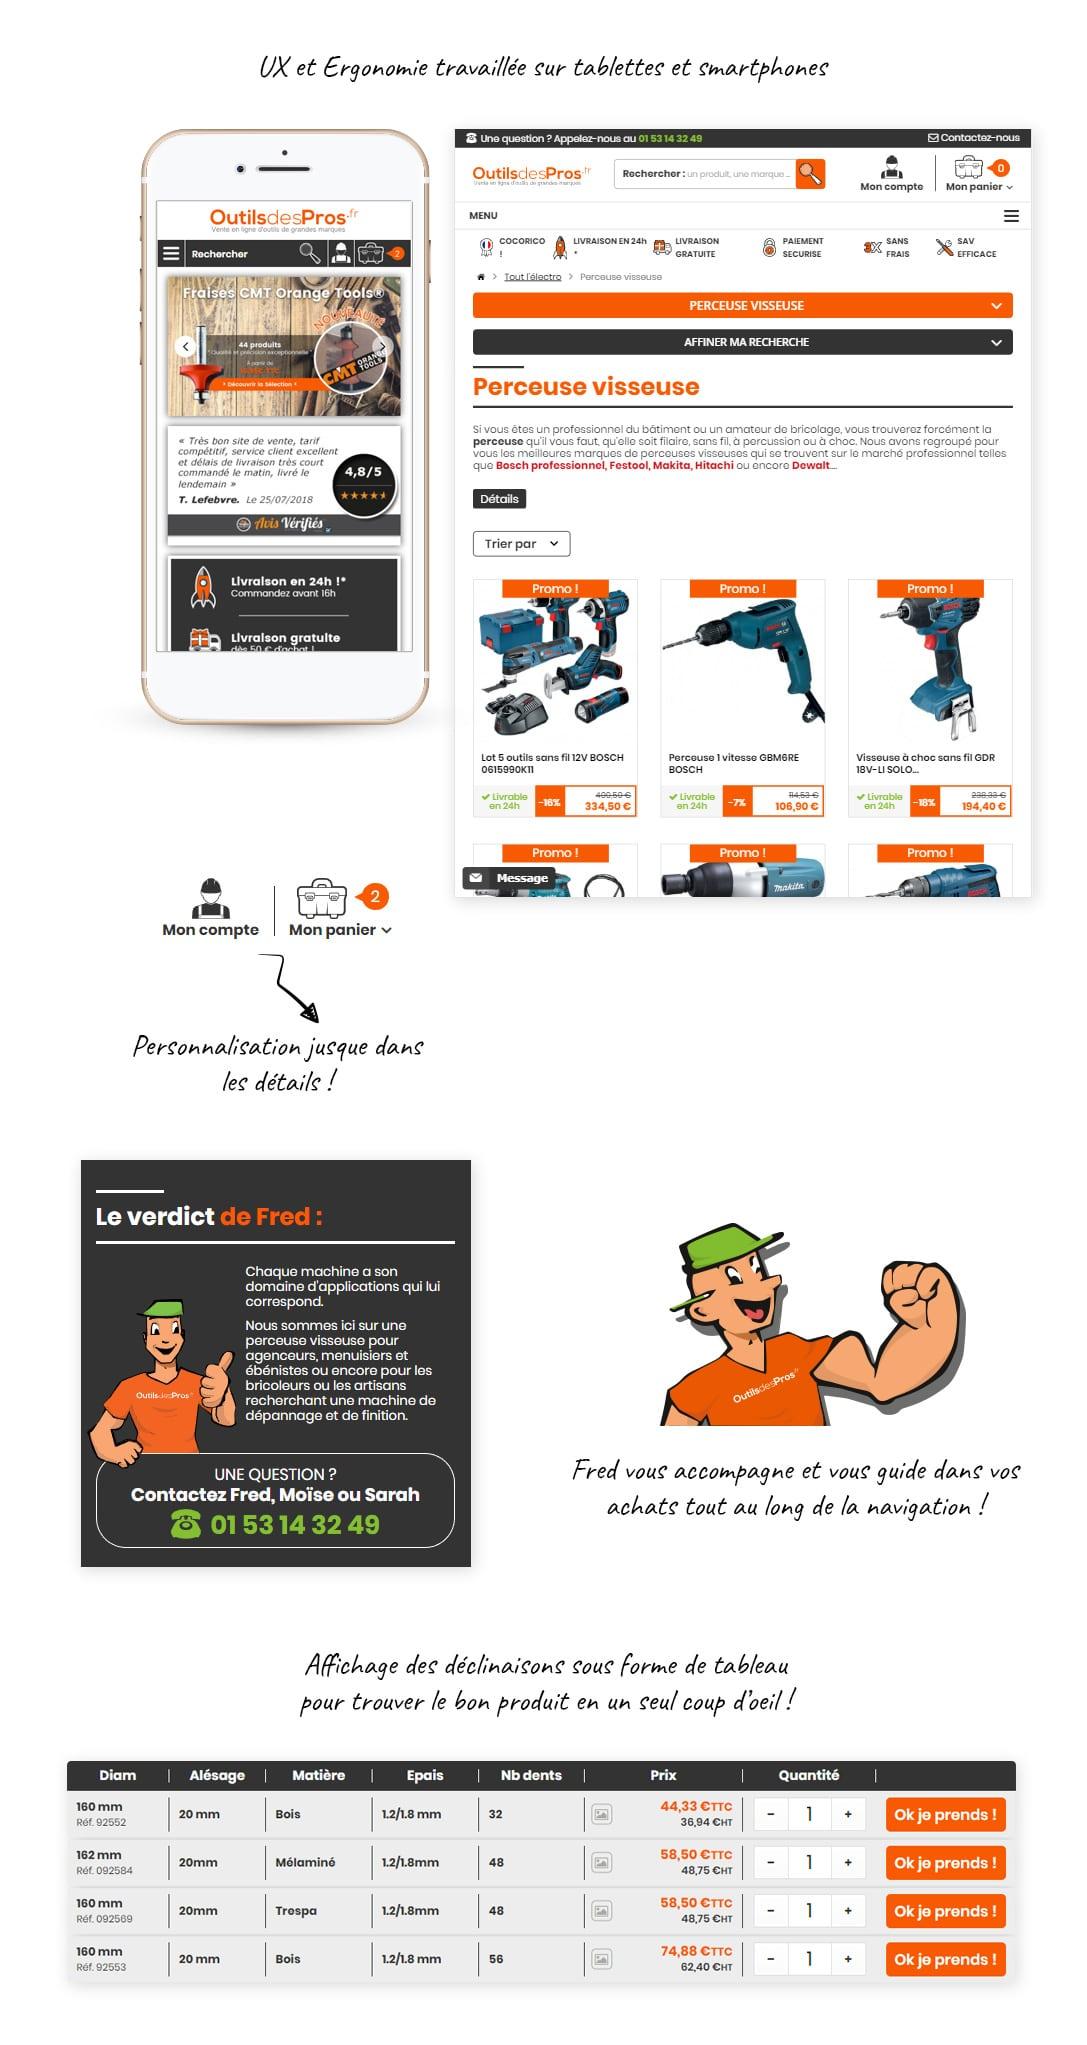 site e-commerce PrestaShop outillage - Outils des Pros